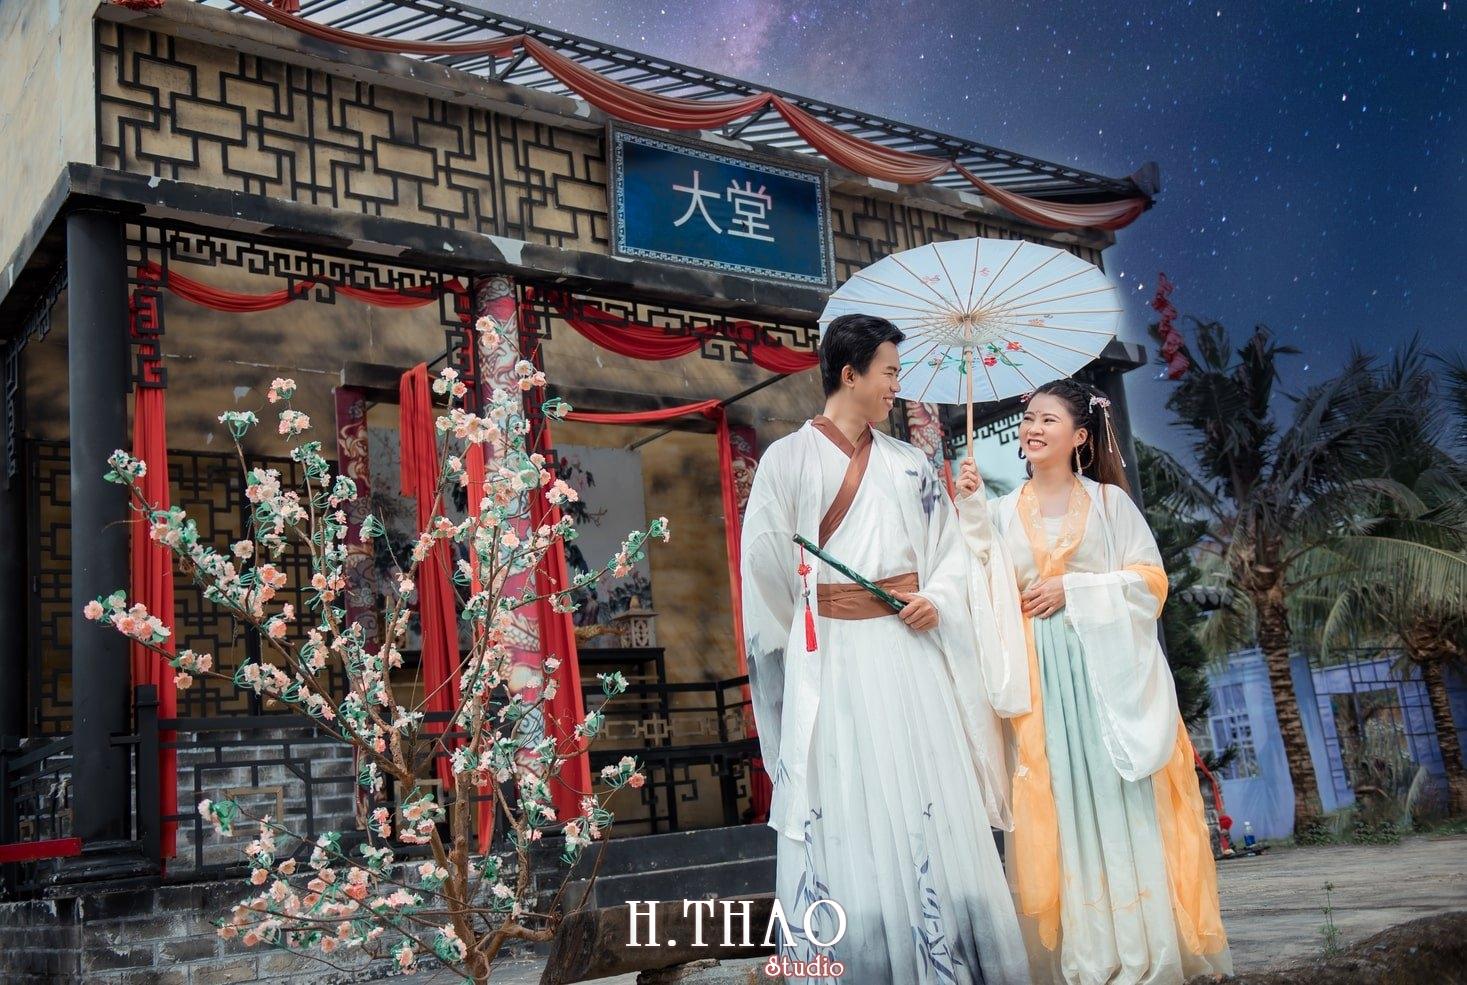 Couple co trang 12 - Album ảnh chụp cổ trang couple đôi bạn đẹp độc lạ - HThao Studio